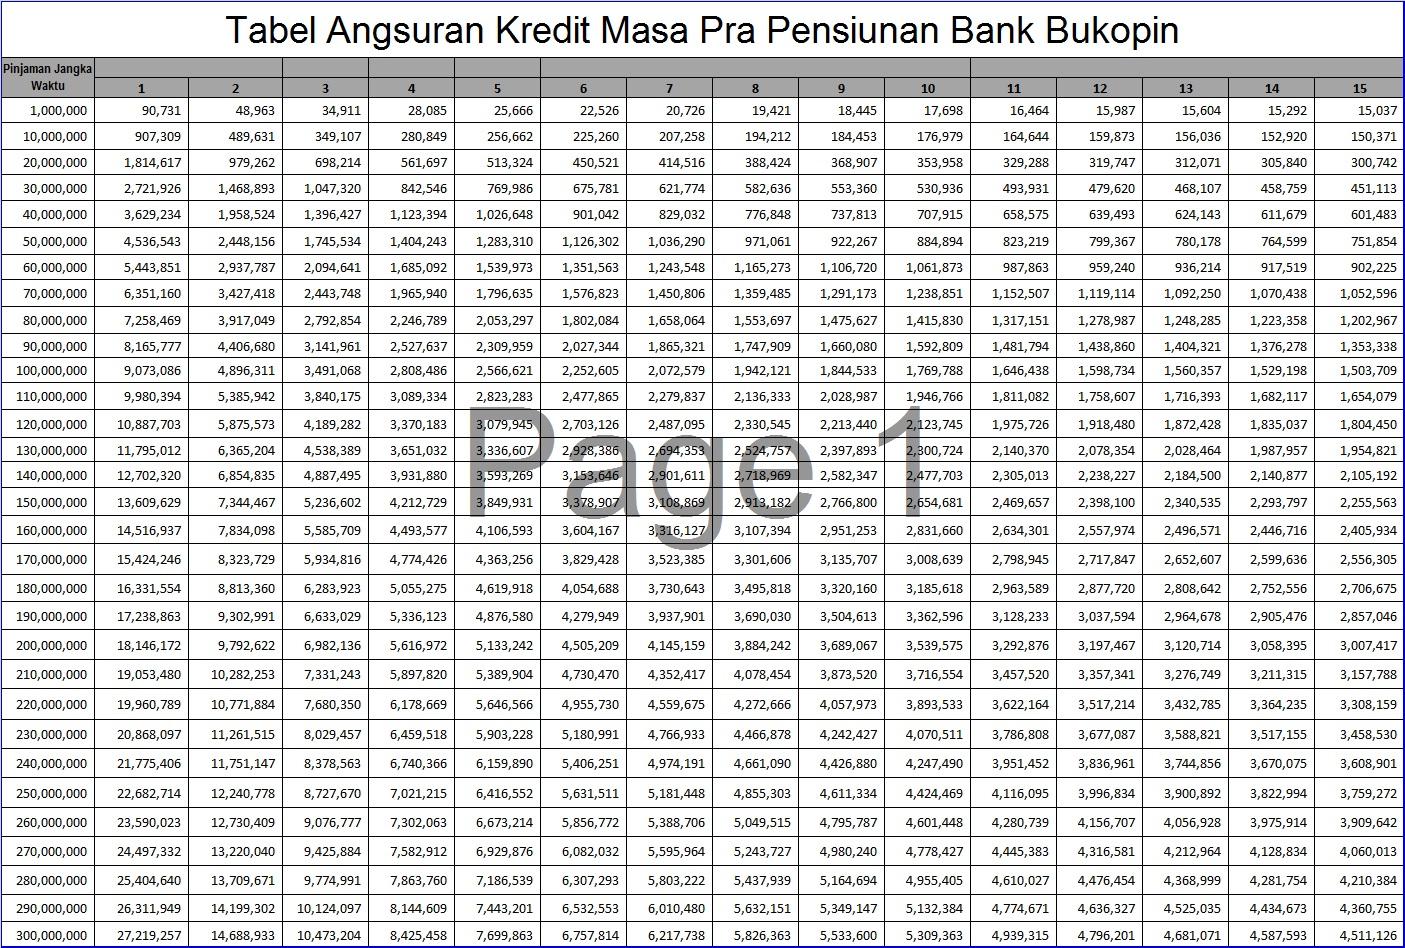 Kredit Bank Bukopin Cianjur Tabel Angsuran